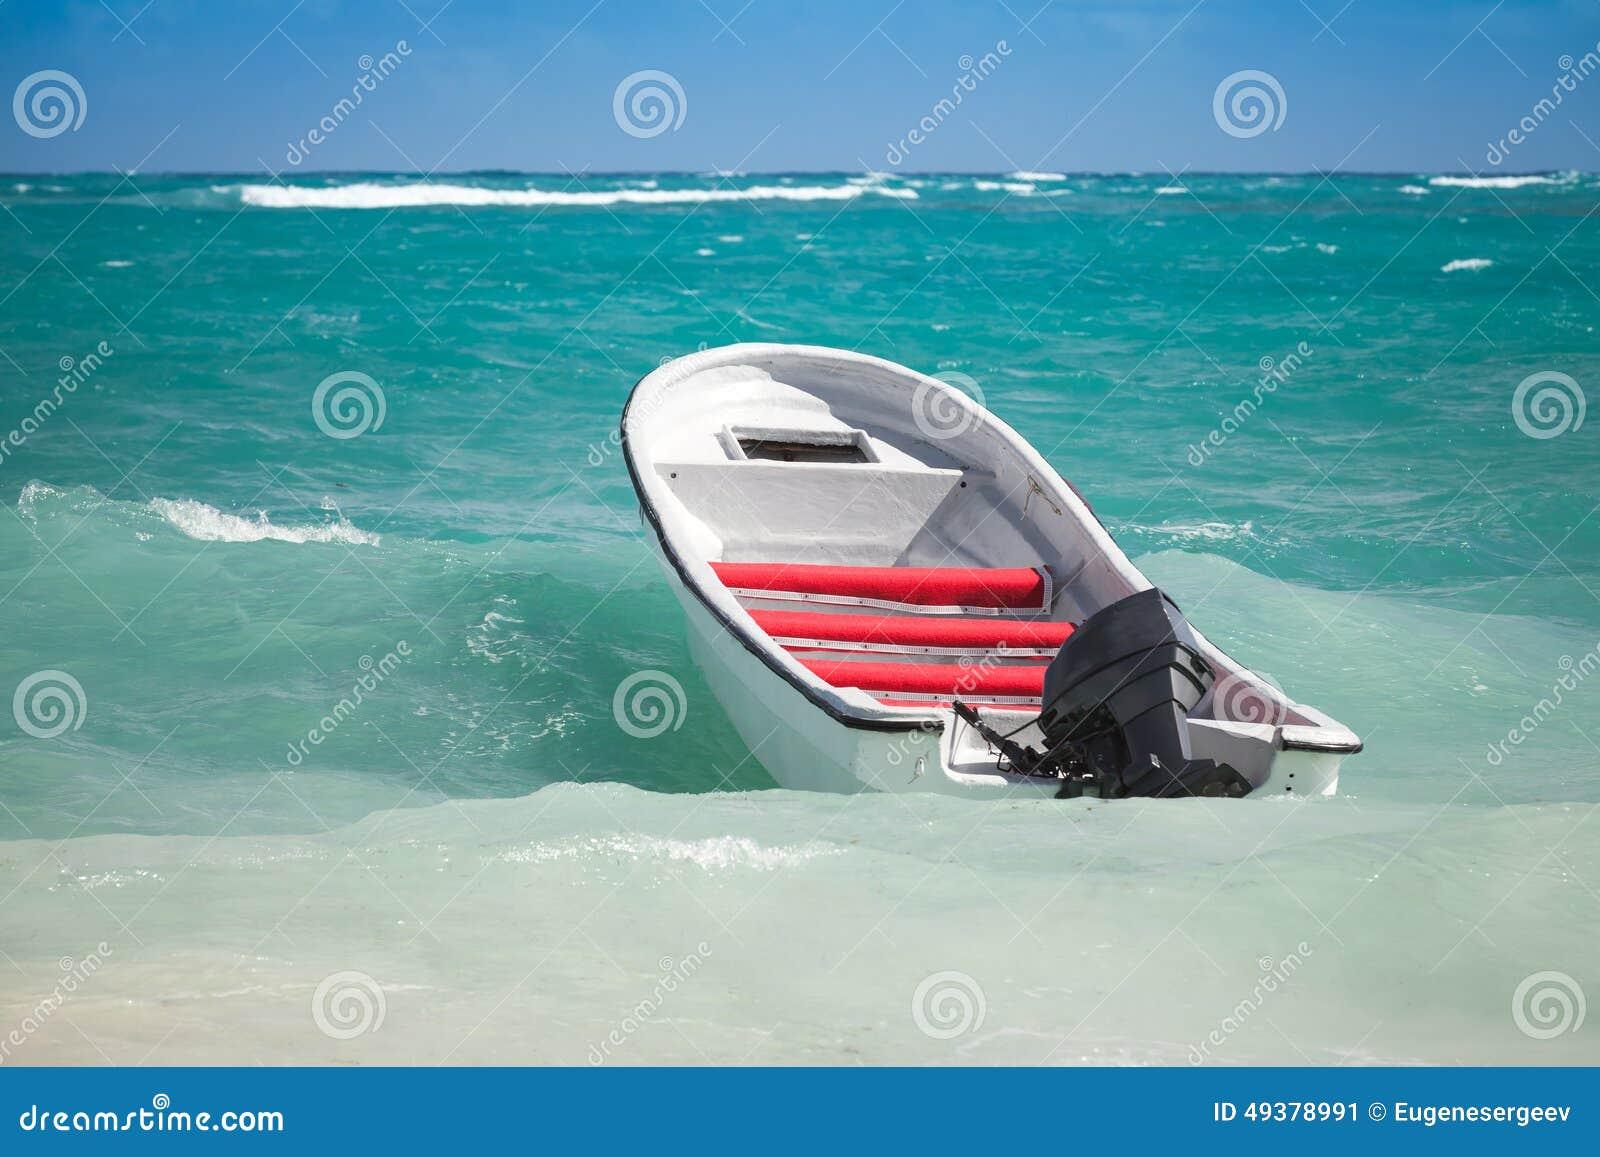 白色游船在风雨如磐的水漂浮